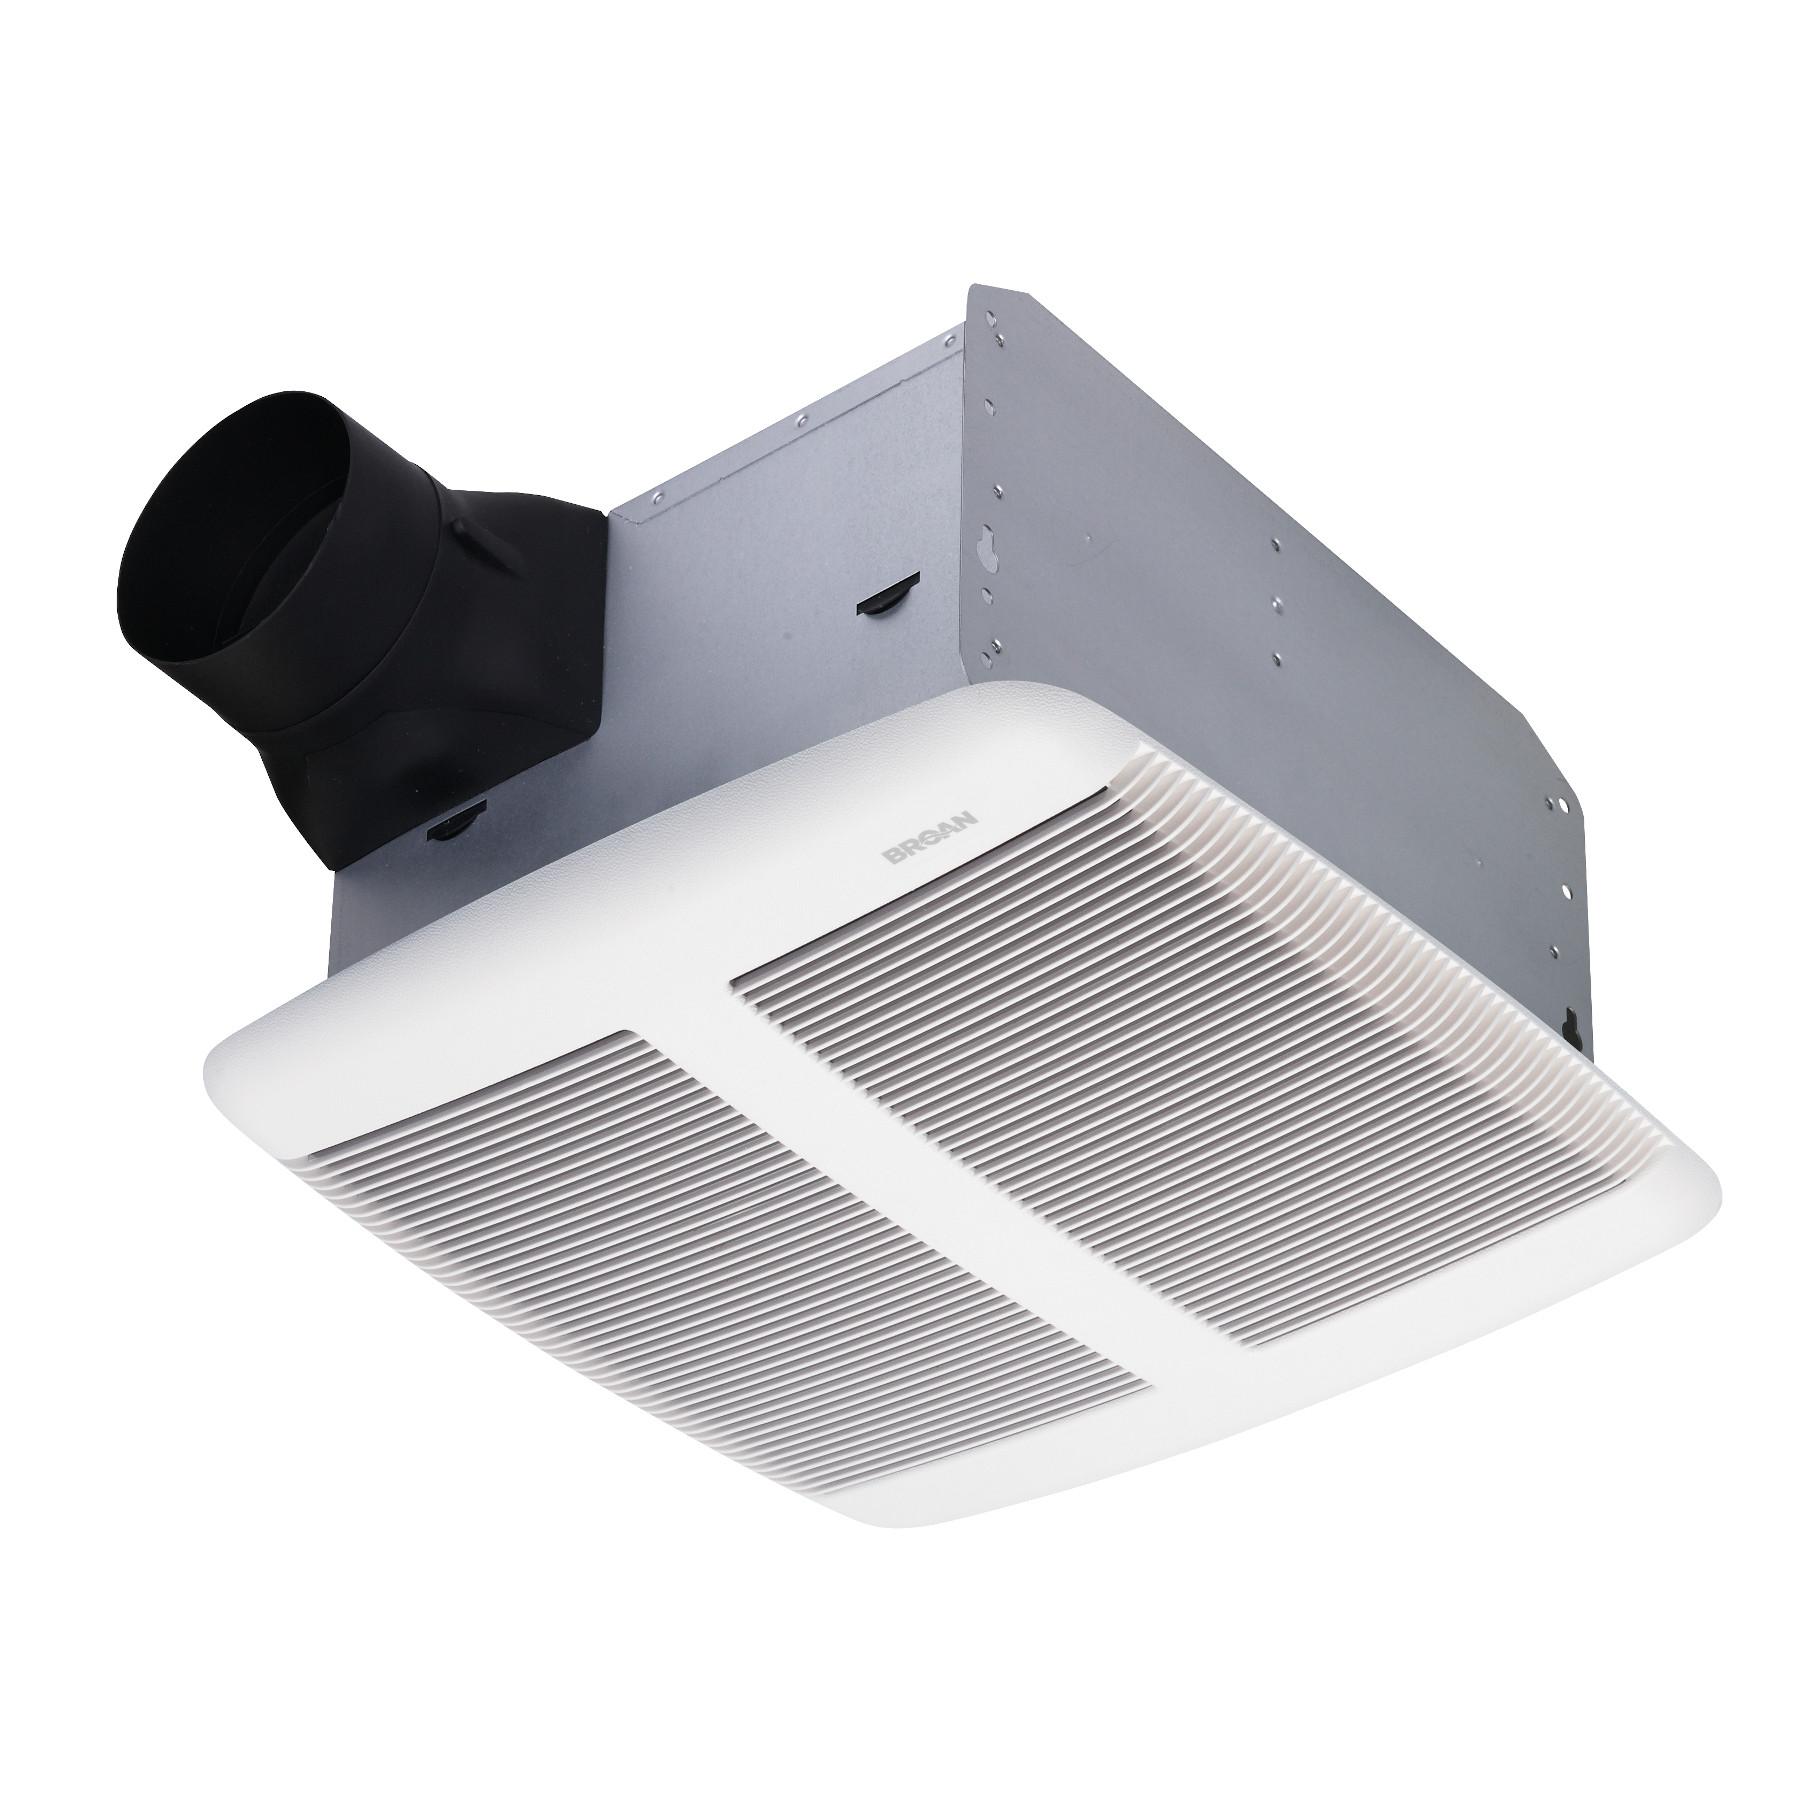 Broan® Sensonic™ Speaker 110 CFM Ventilation Fan with Bluetooth® | Wireless Technology, 1.0 Sones